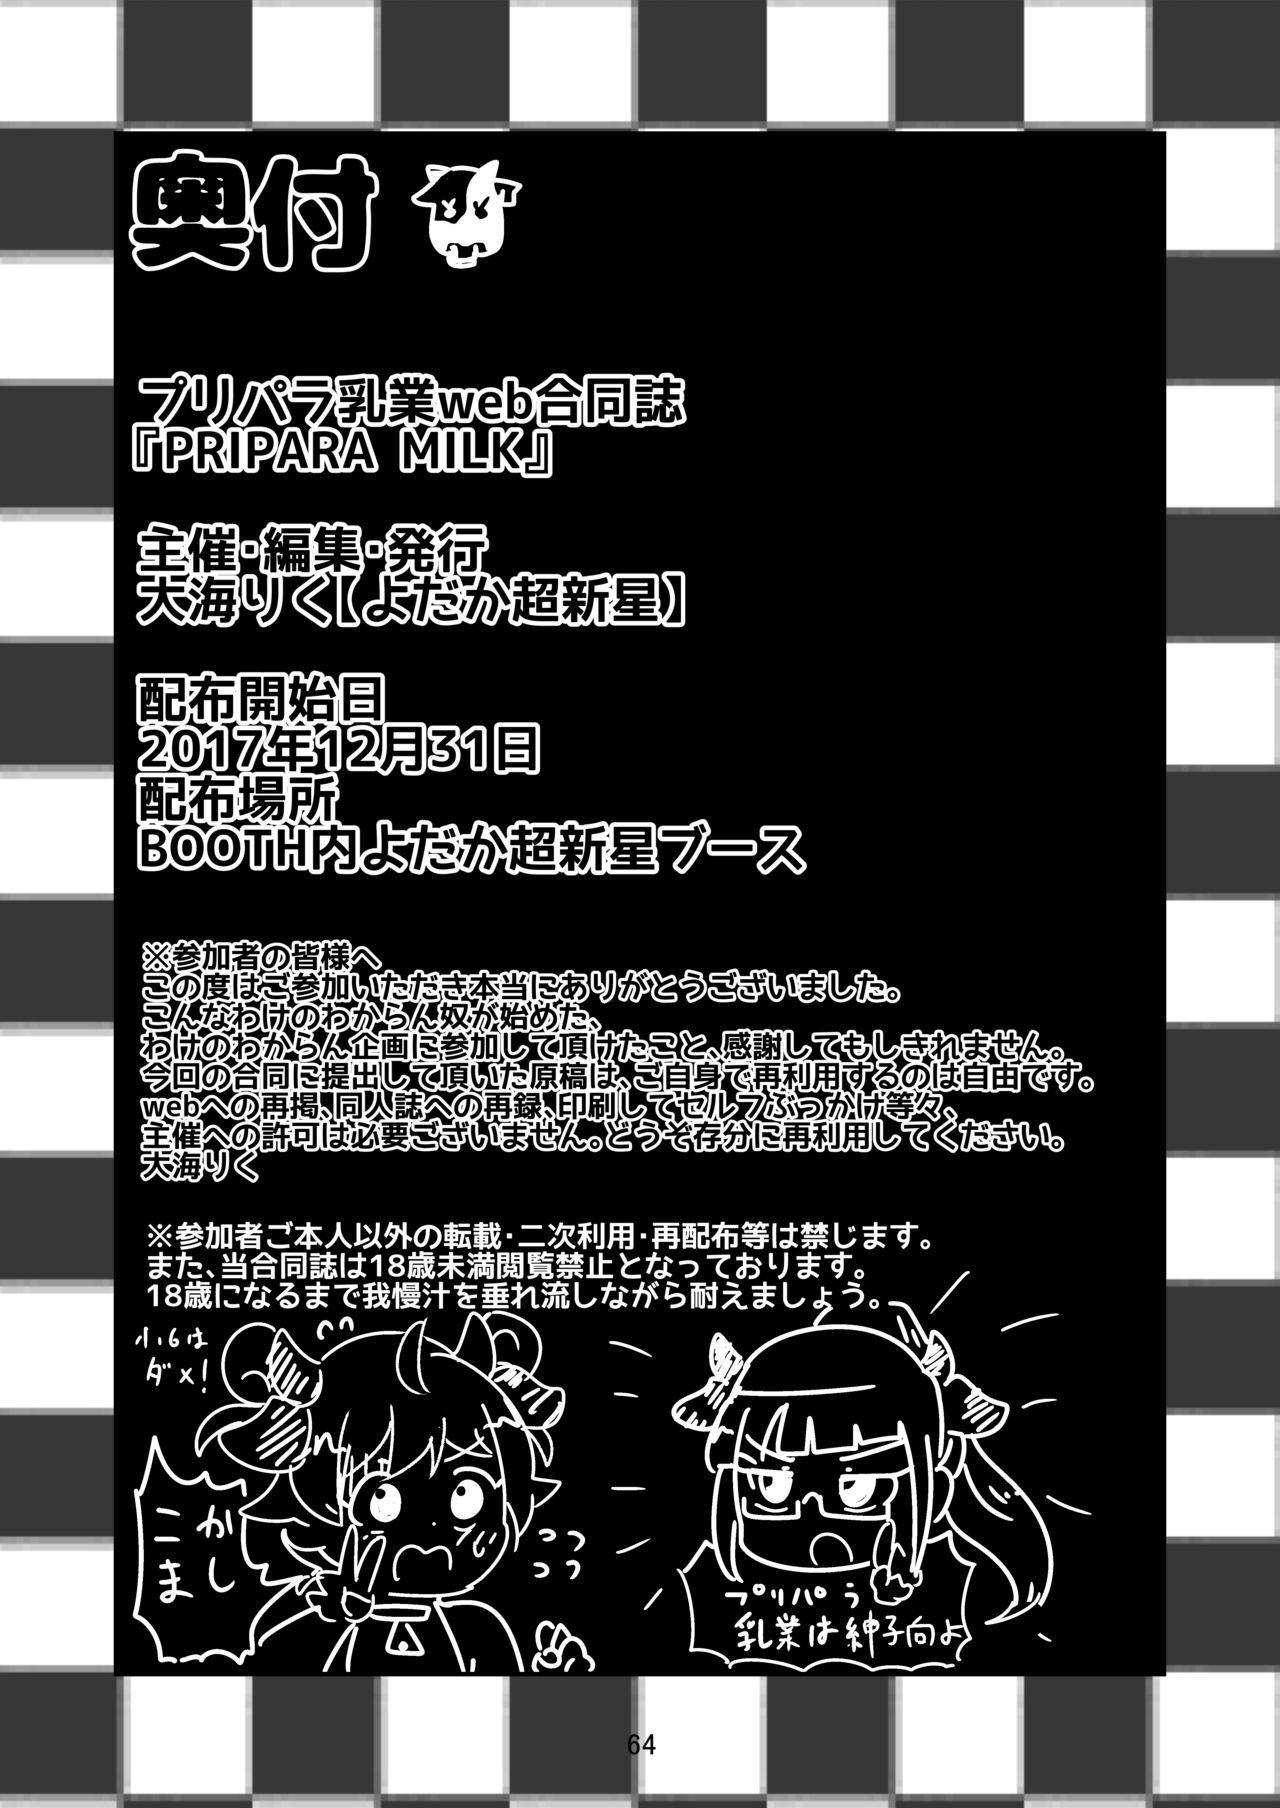 [よだか超新星 (Various) PRIPARA MILK (PriPara) [Digital] 63